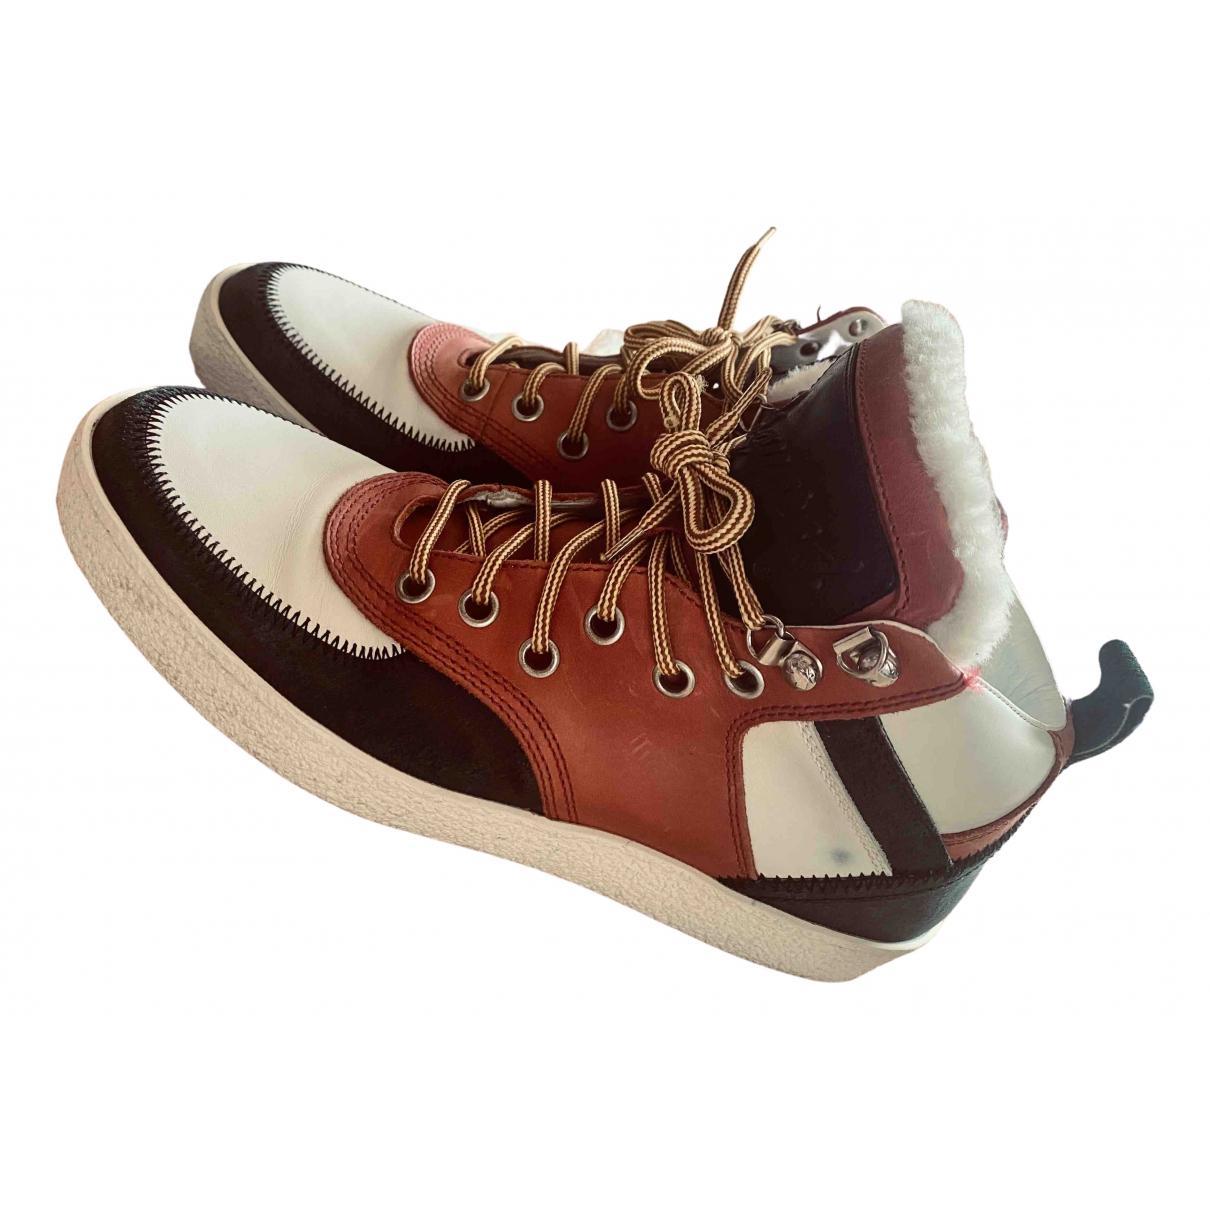 Dsquared2 - Baskets   pour homme en cuir - multicolore